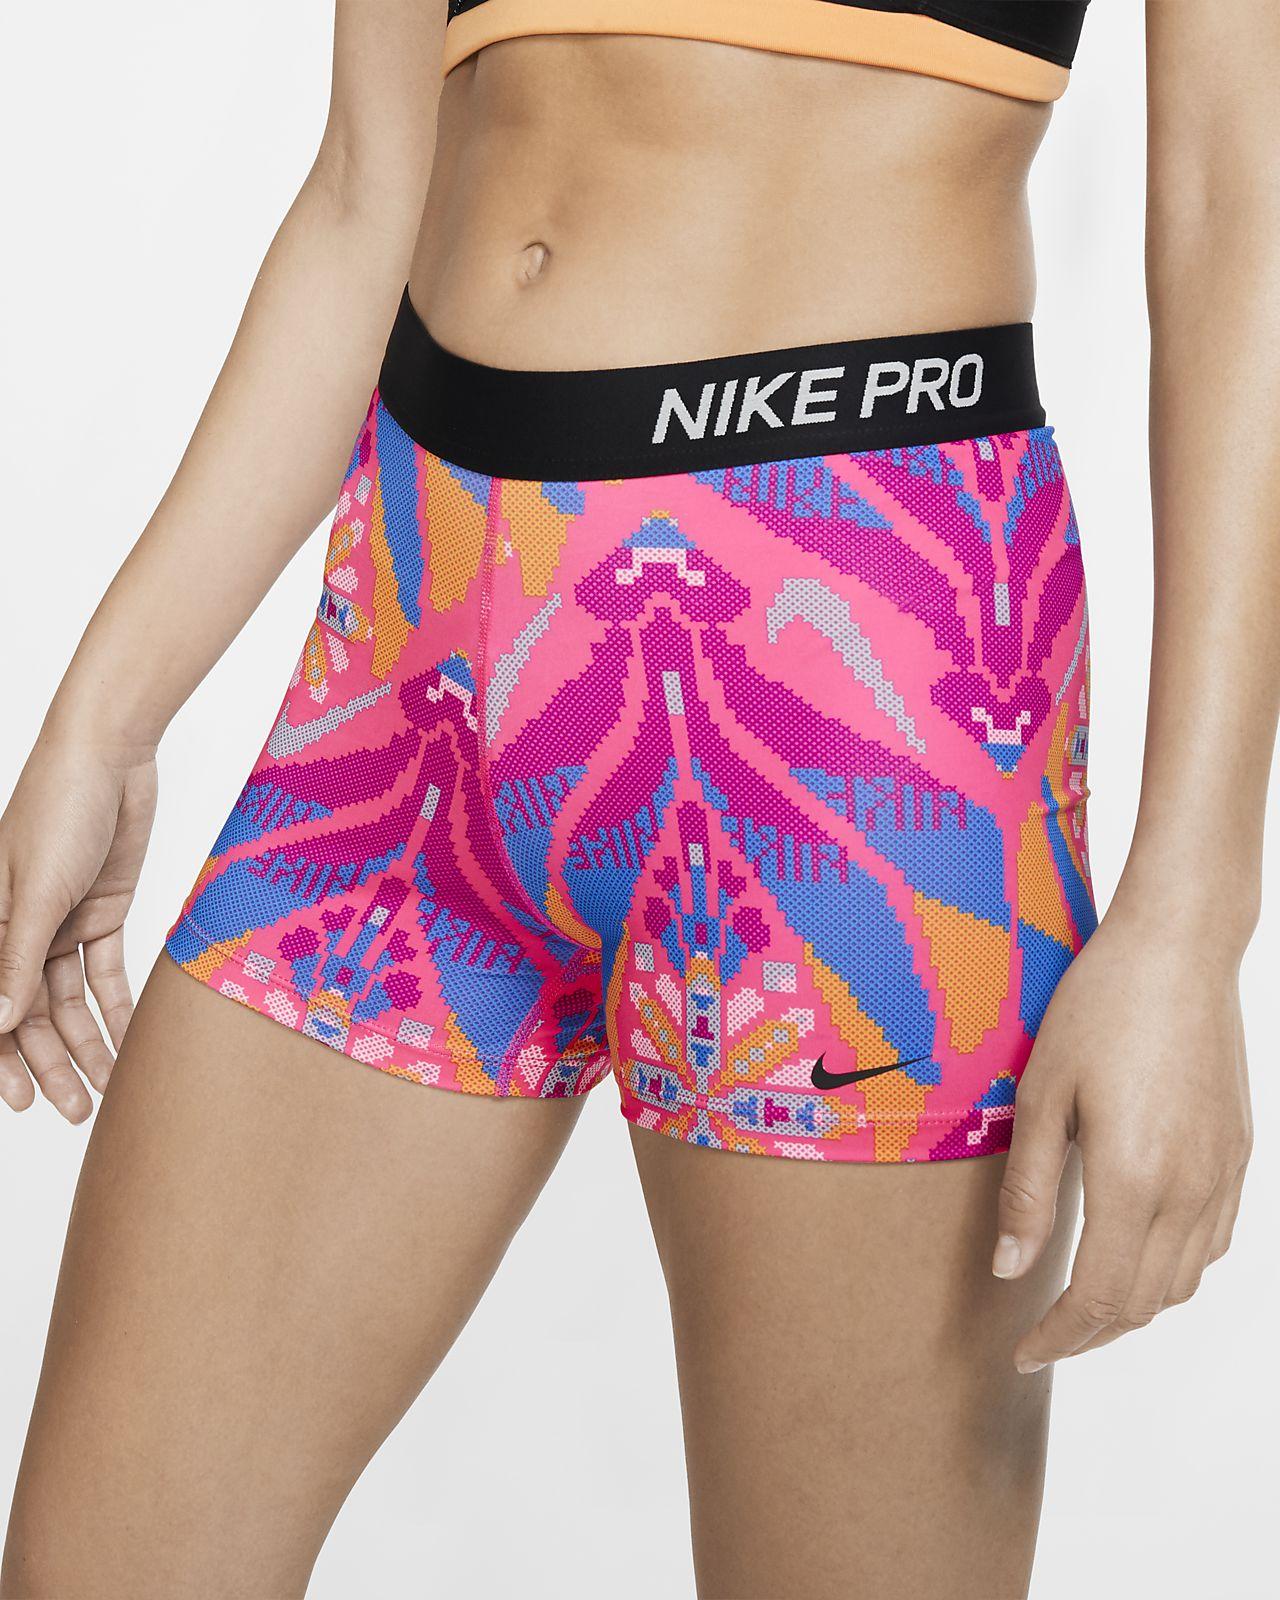 Nike Pro Damesshorts met print (7,5 cm)